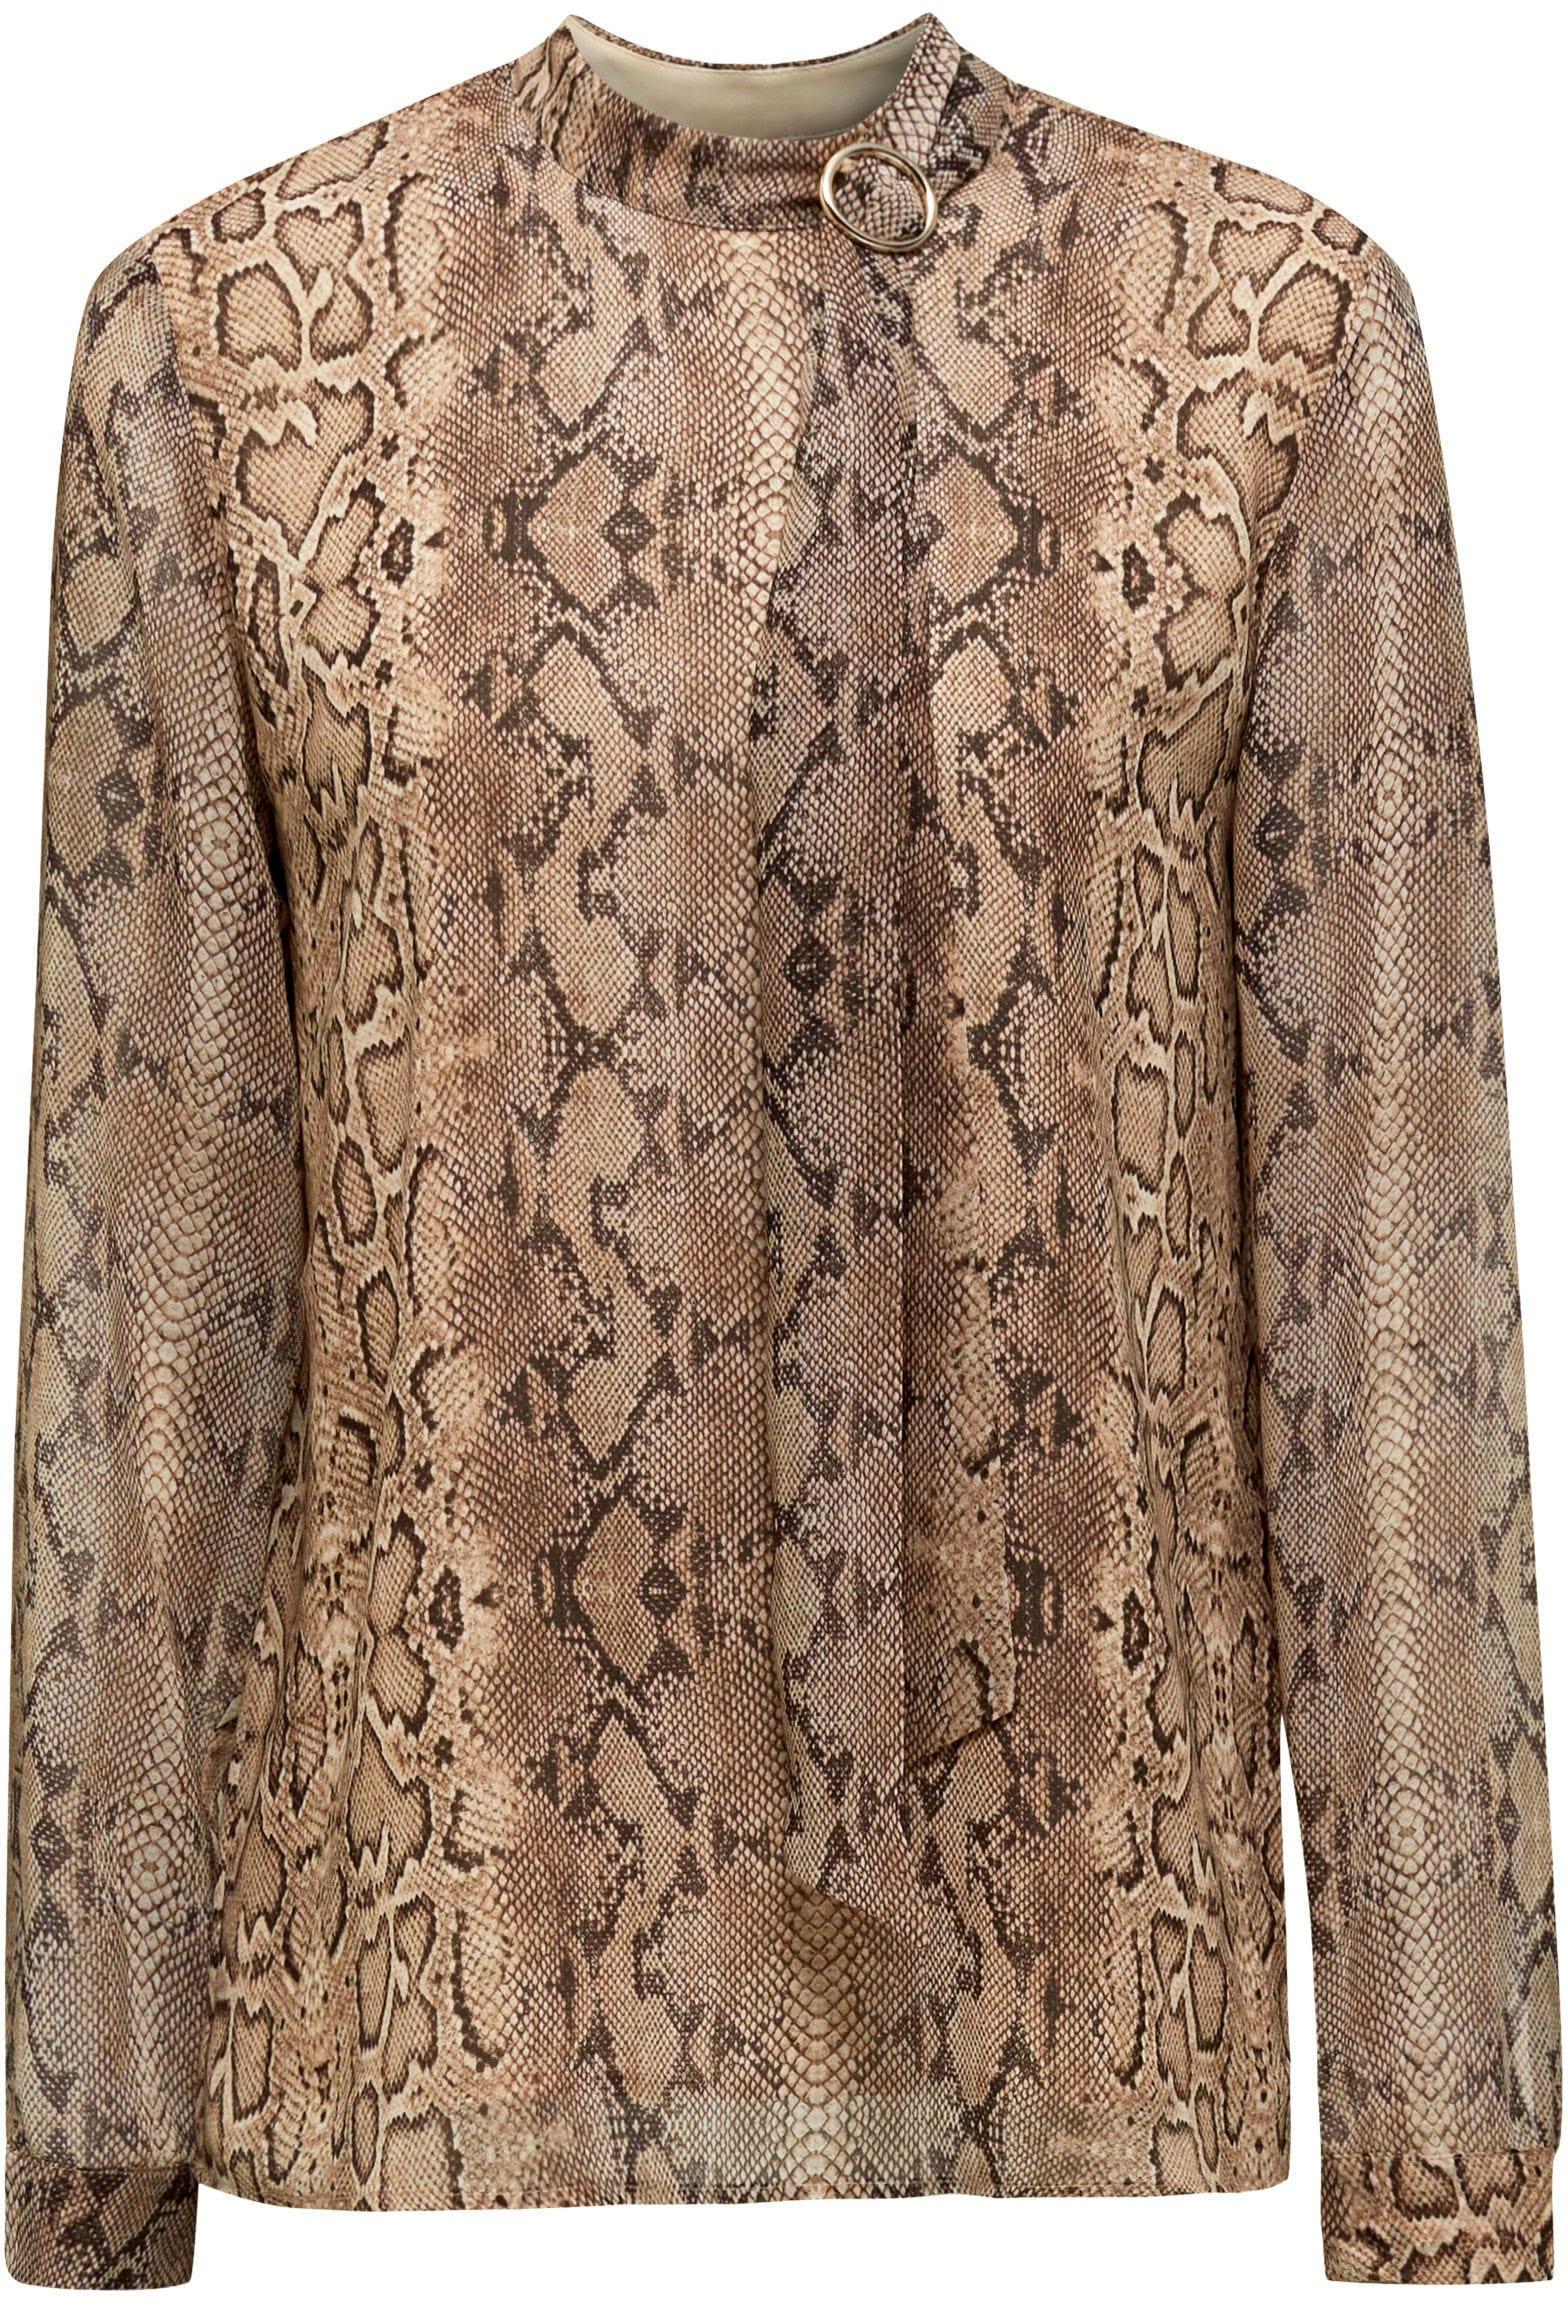 Esprit Collection Schluppenbluse | Bekleidung > Blusen > Schluppenblusen | esprit collection